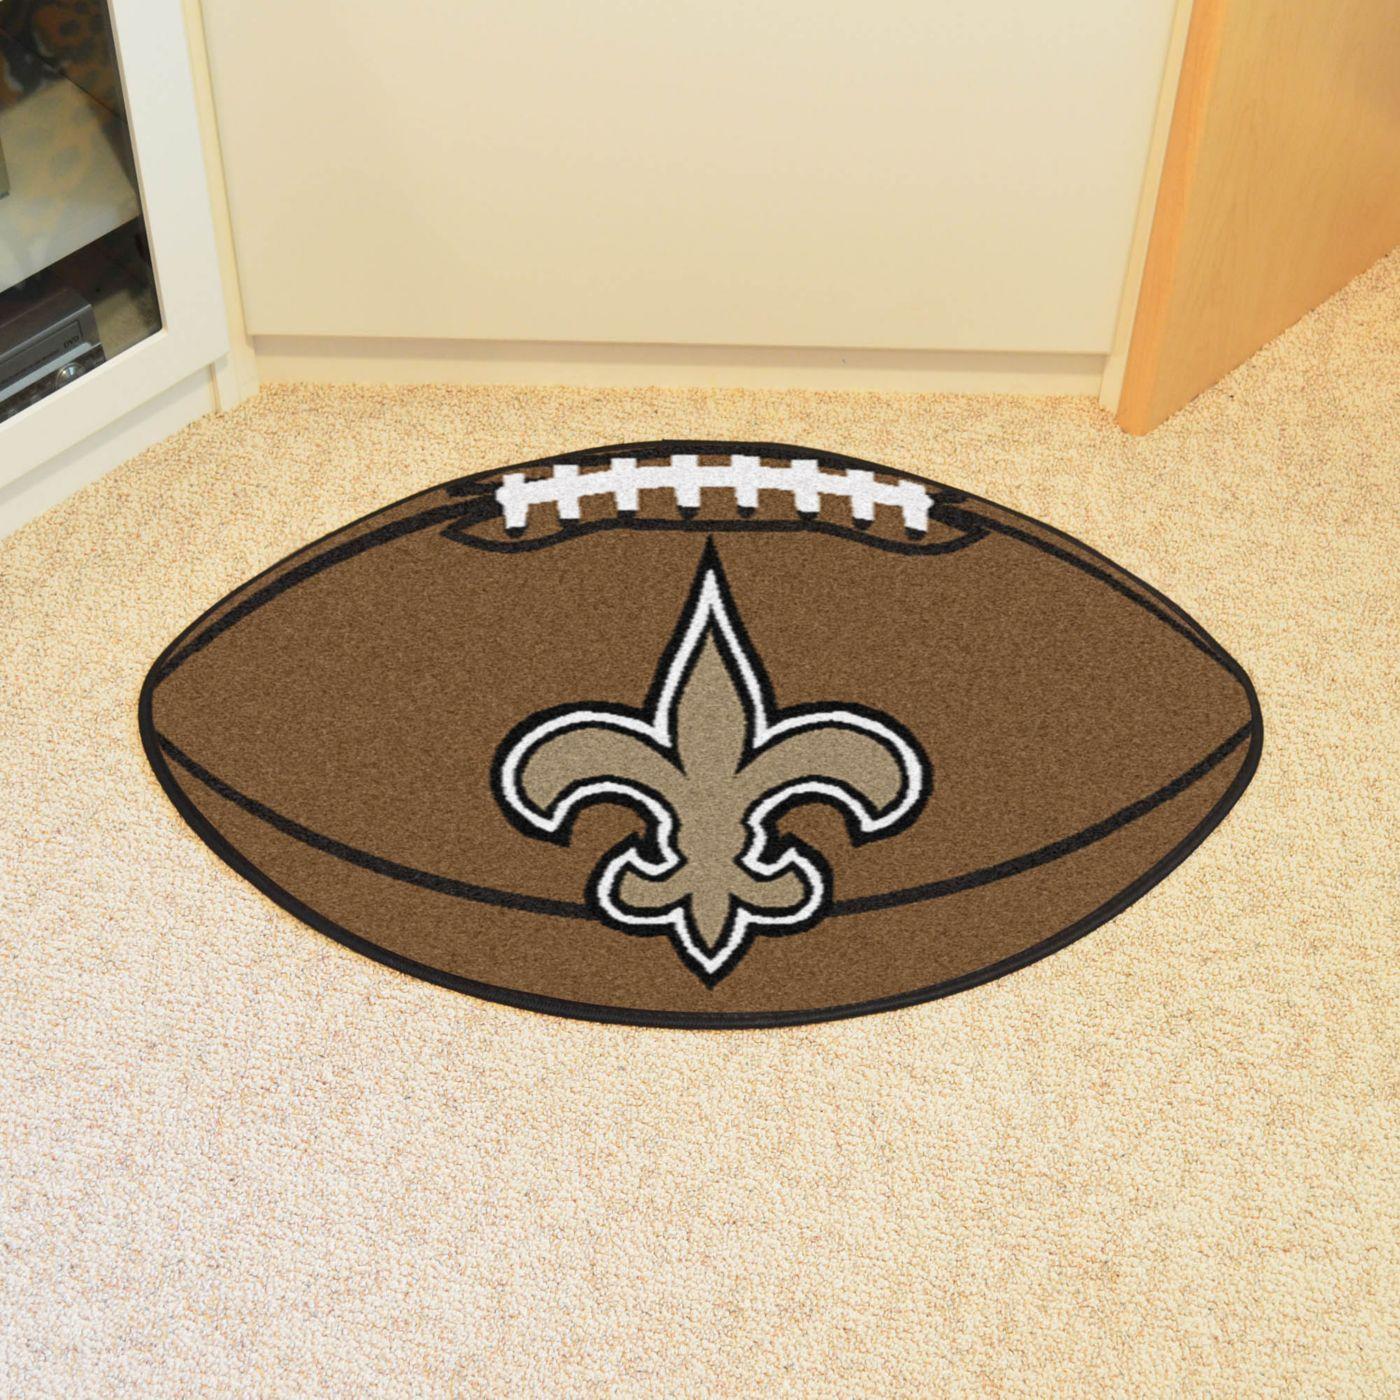 FANMATS New Orleans Saints Football Mat